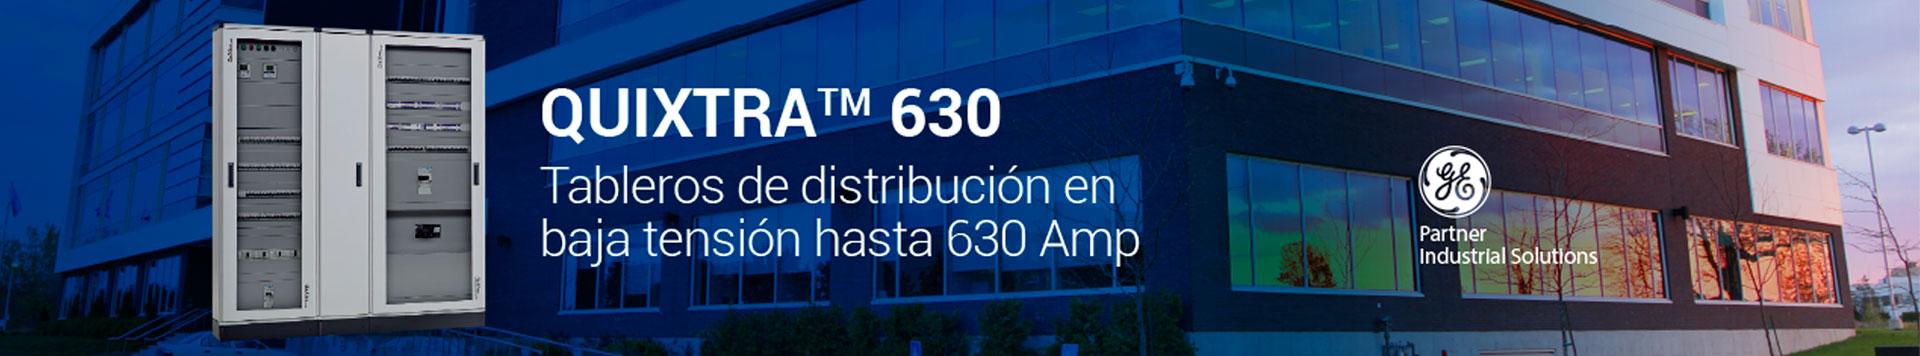 Tableros de distribución en baja tensión hasta 630 Amp